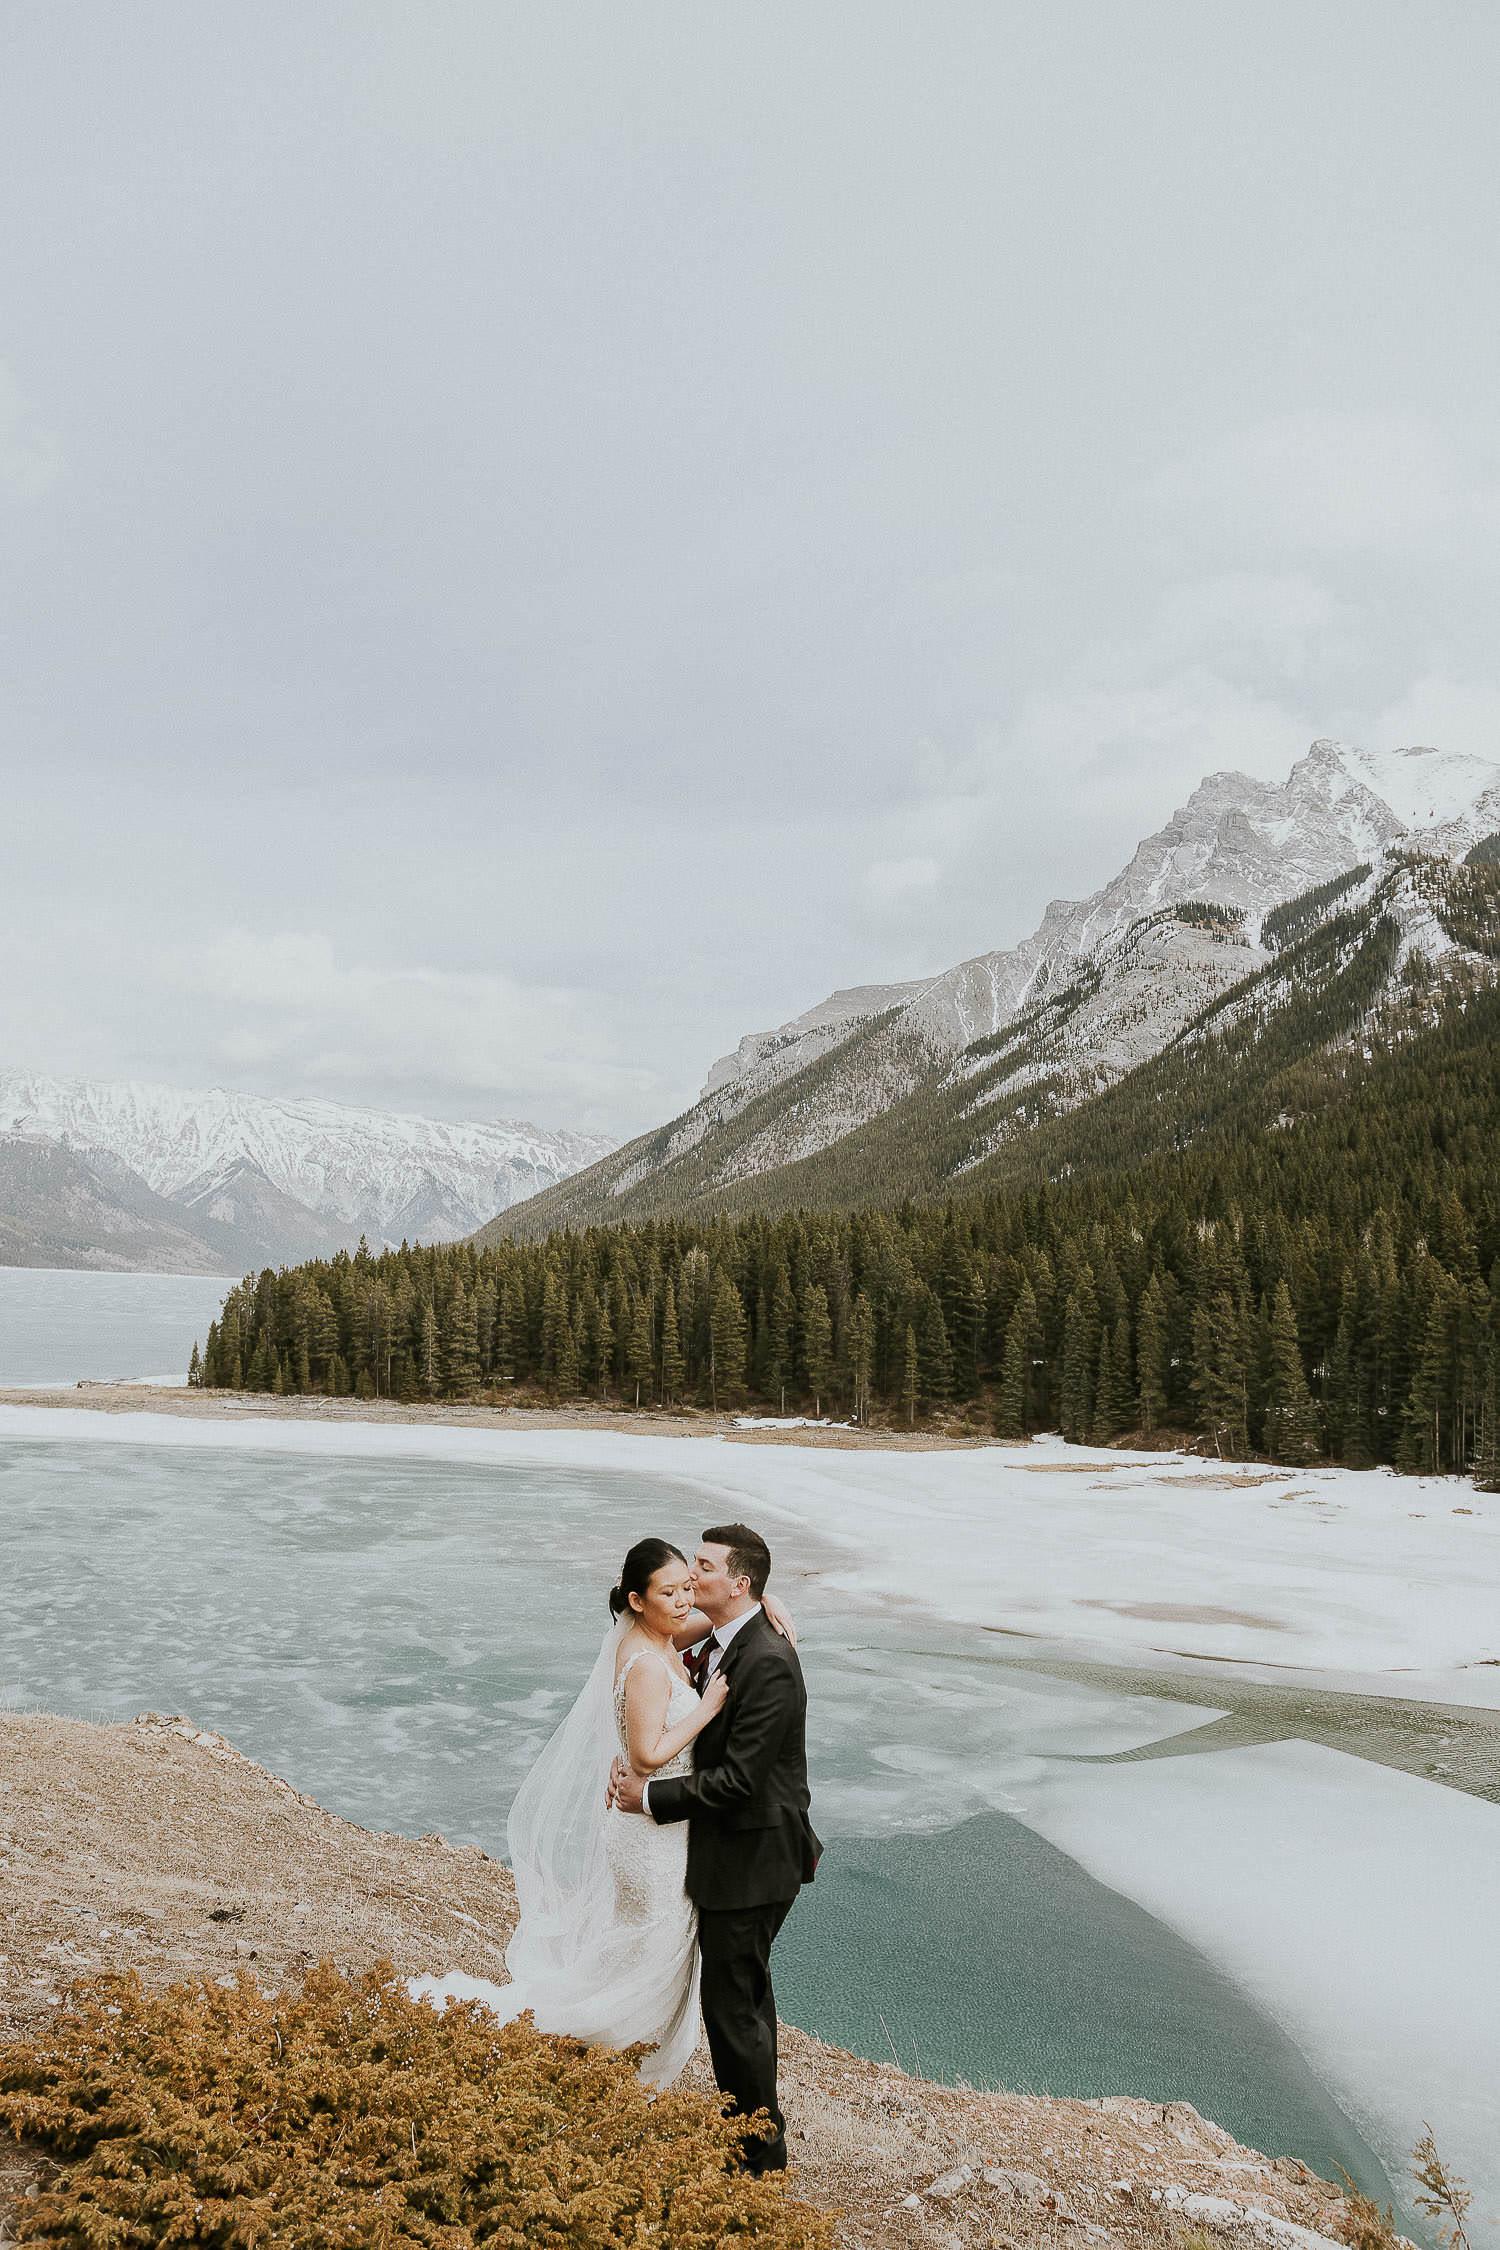 intimate-wedding-at-banff-springs-hotel-sarah-pukin-0147